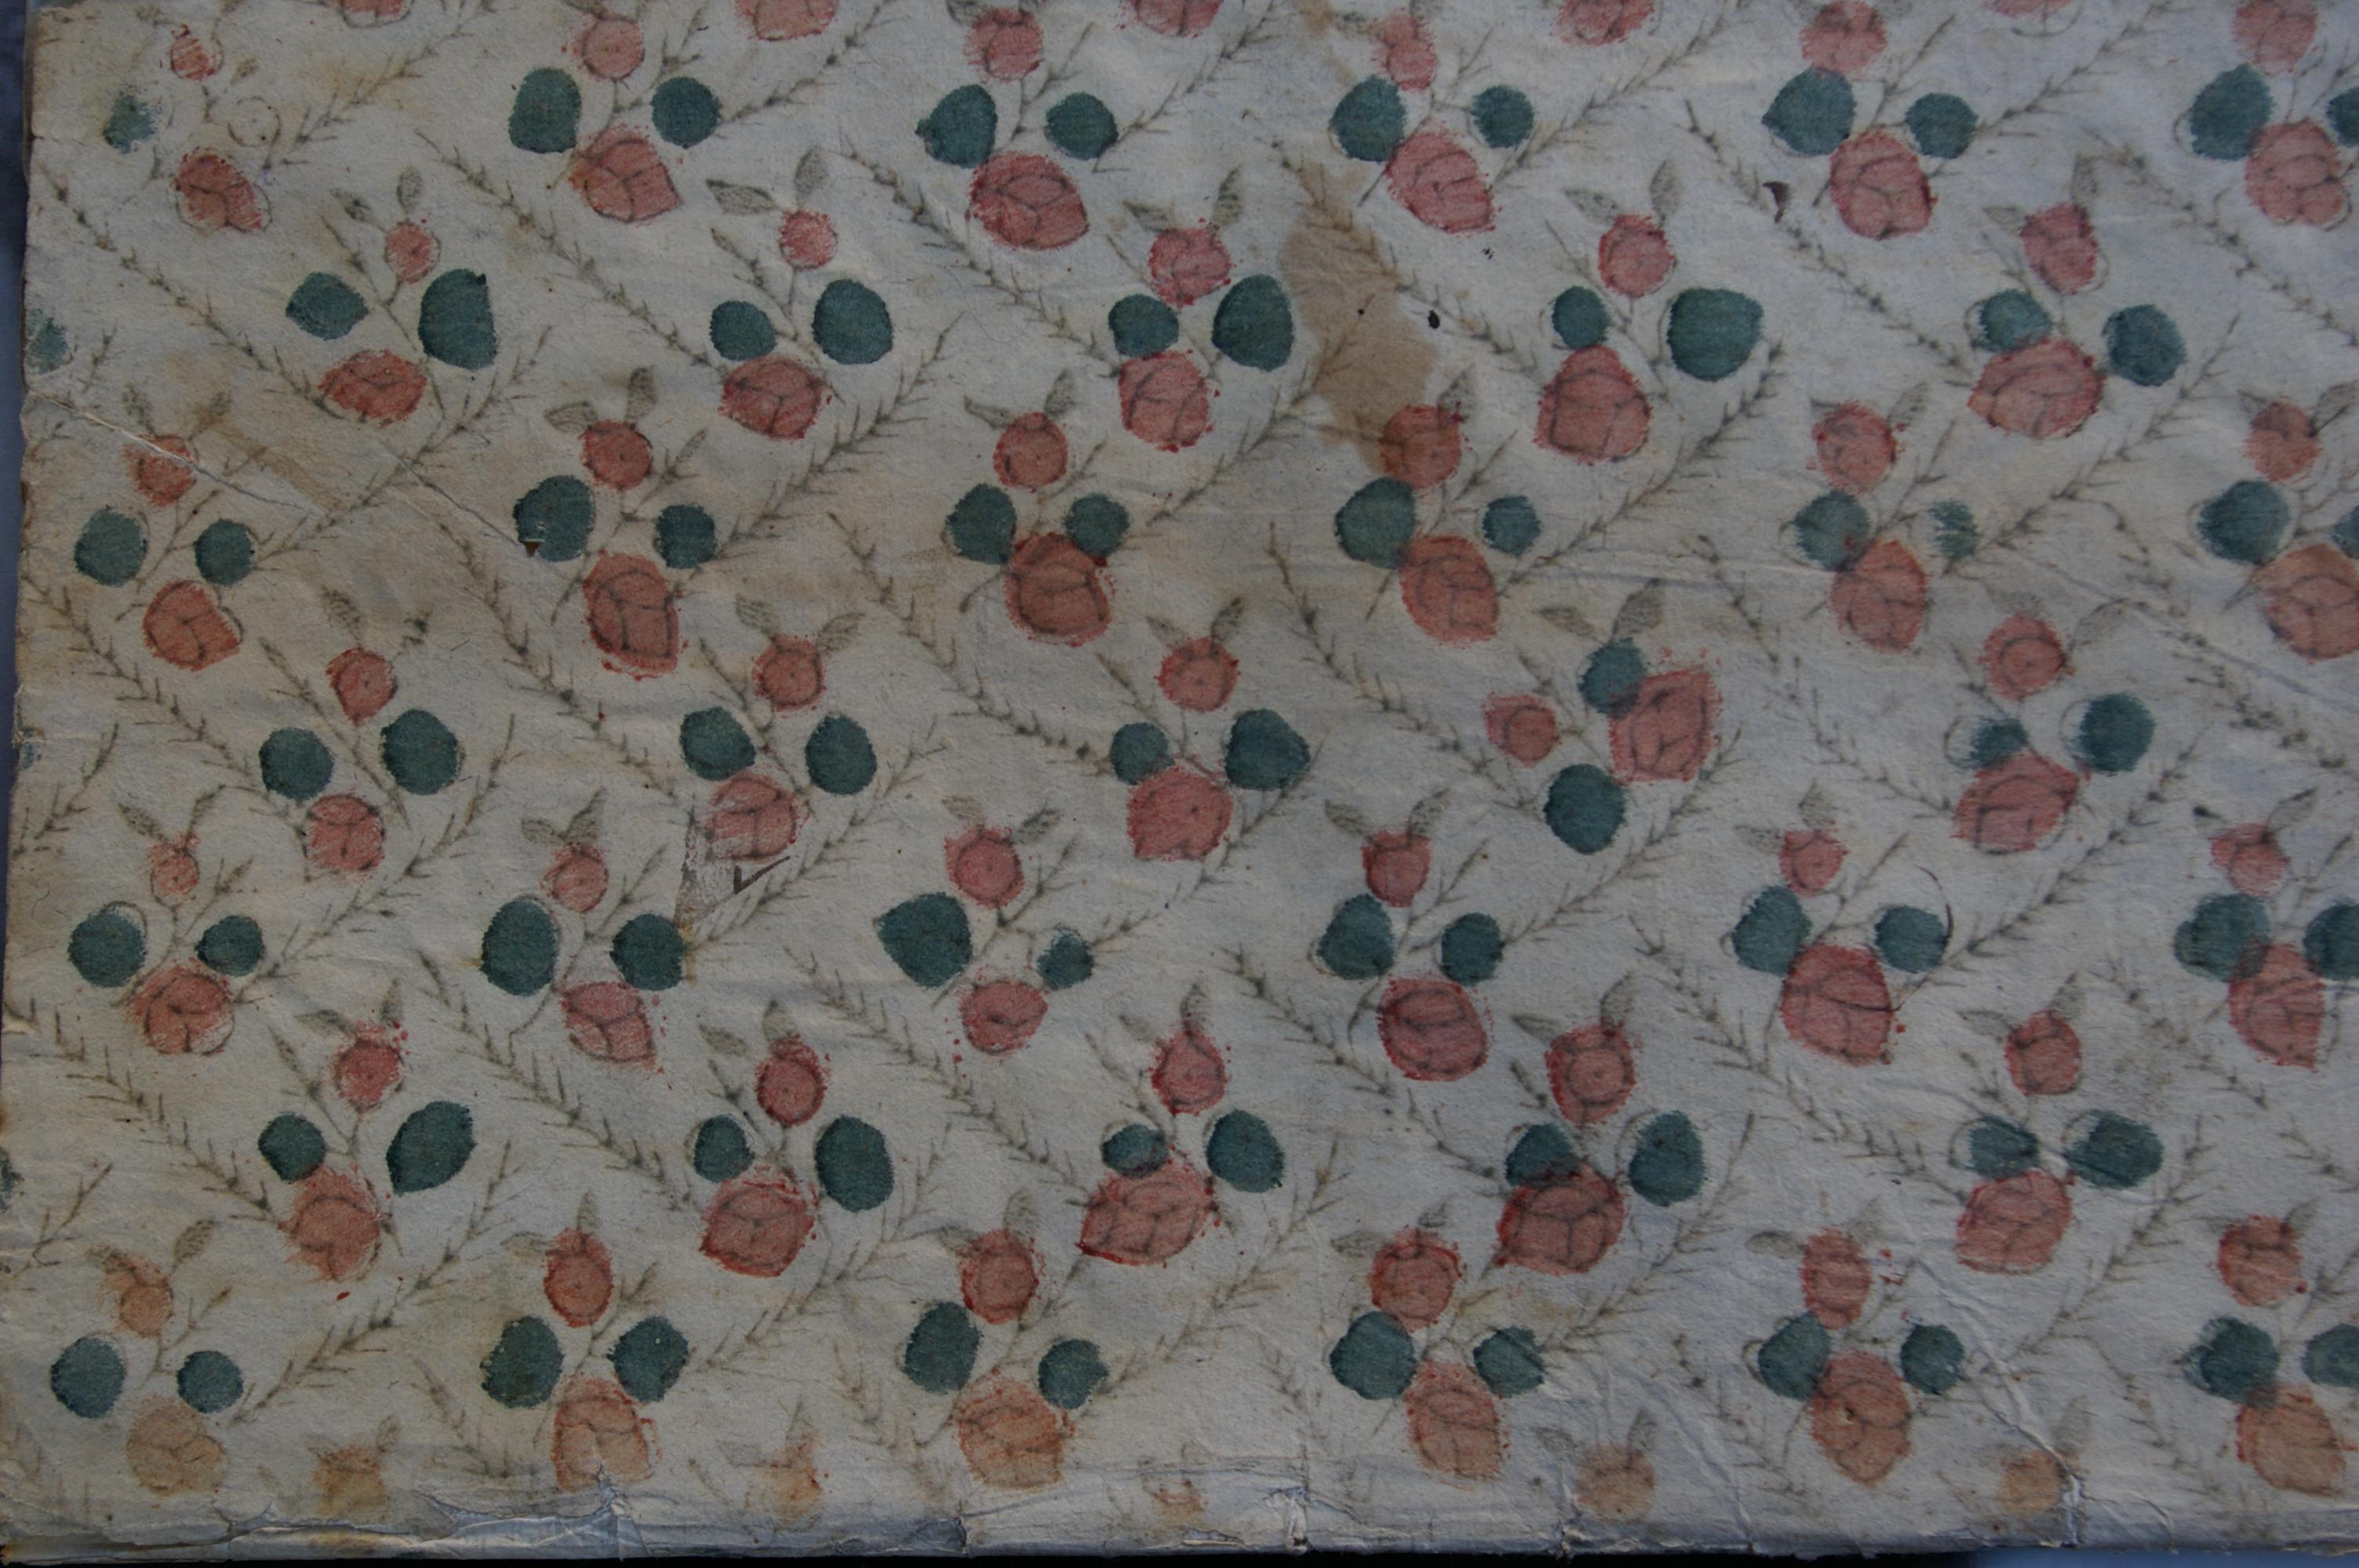 Activité Manuelle Avec Du Papier Peint dominoterie — wikipédia